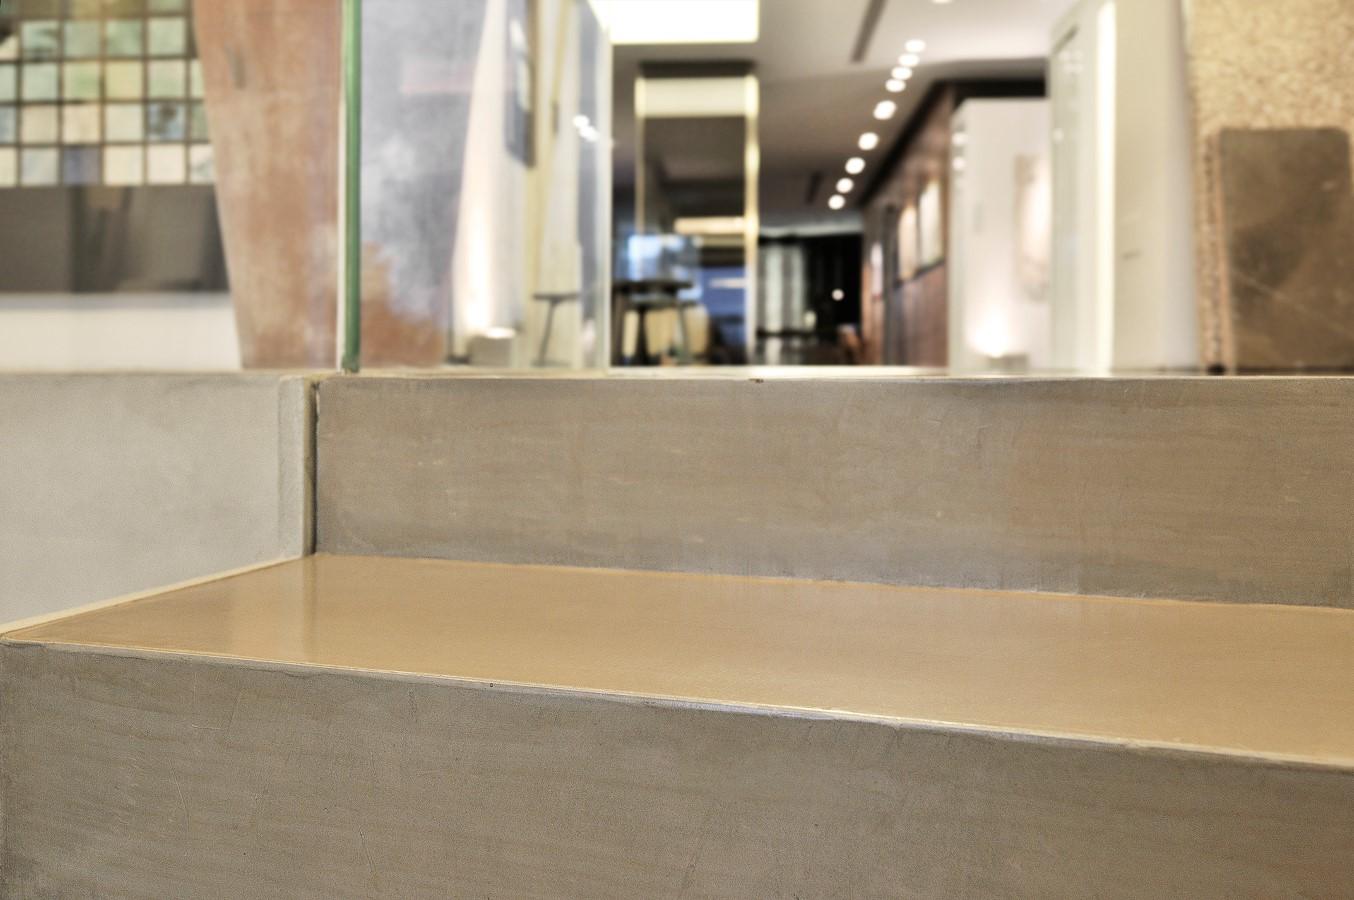 Pavimenti In Cemento Resina : Idee e foto di pavimenti in cemento resina per ispirarti habitissimo